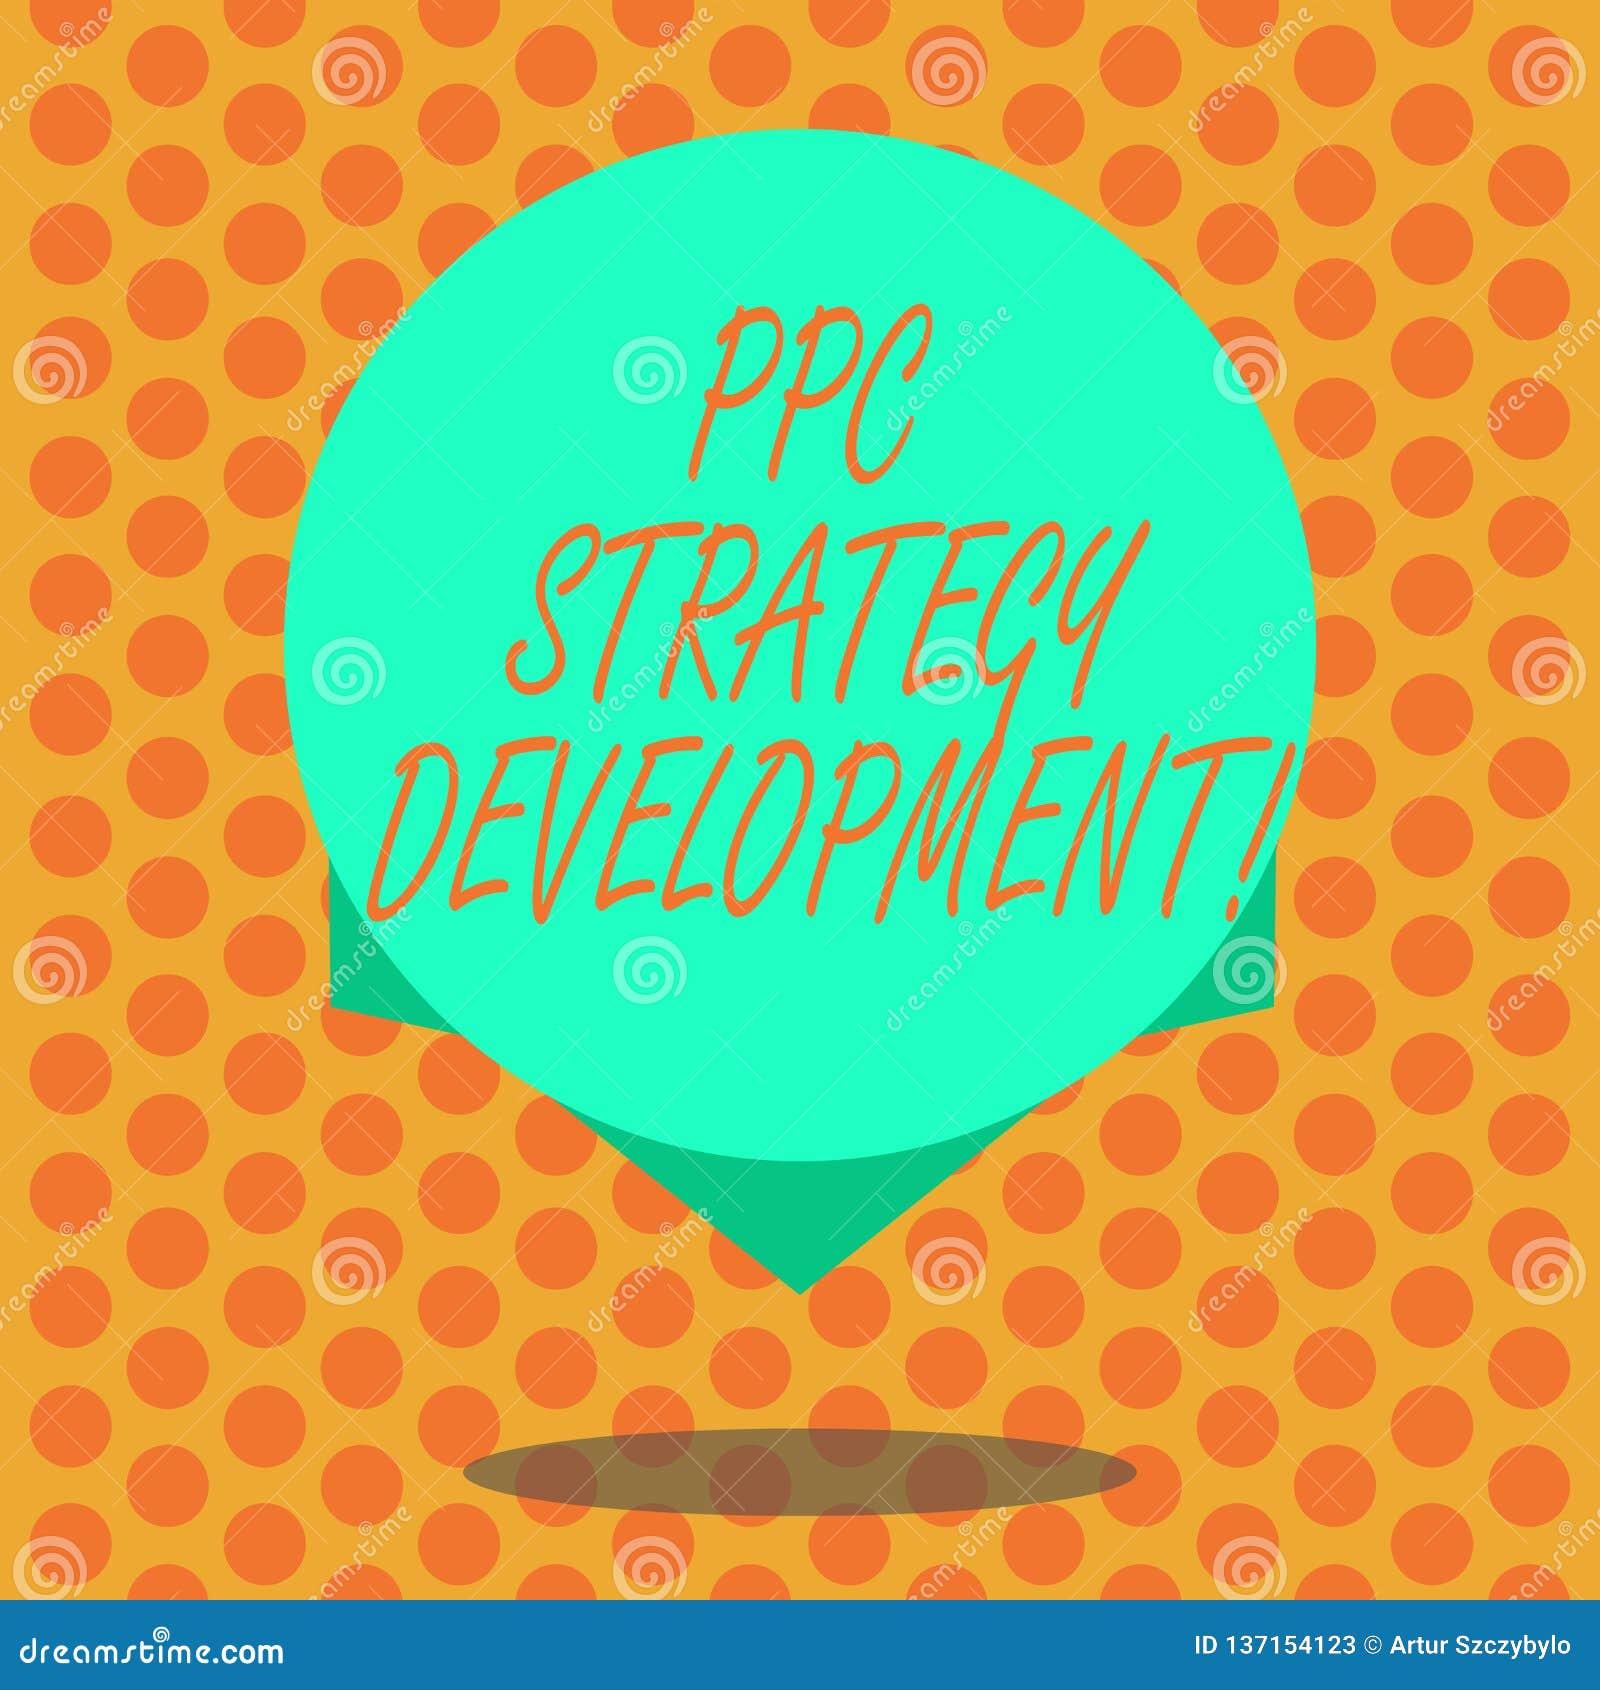 Pisać nutowym pokazuje Ppc strategii rozwoju Biznesowa fotografia pokazuje rozwijać plan akcji budować wydajnego